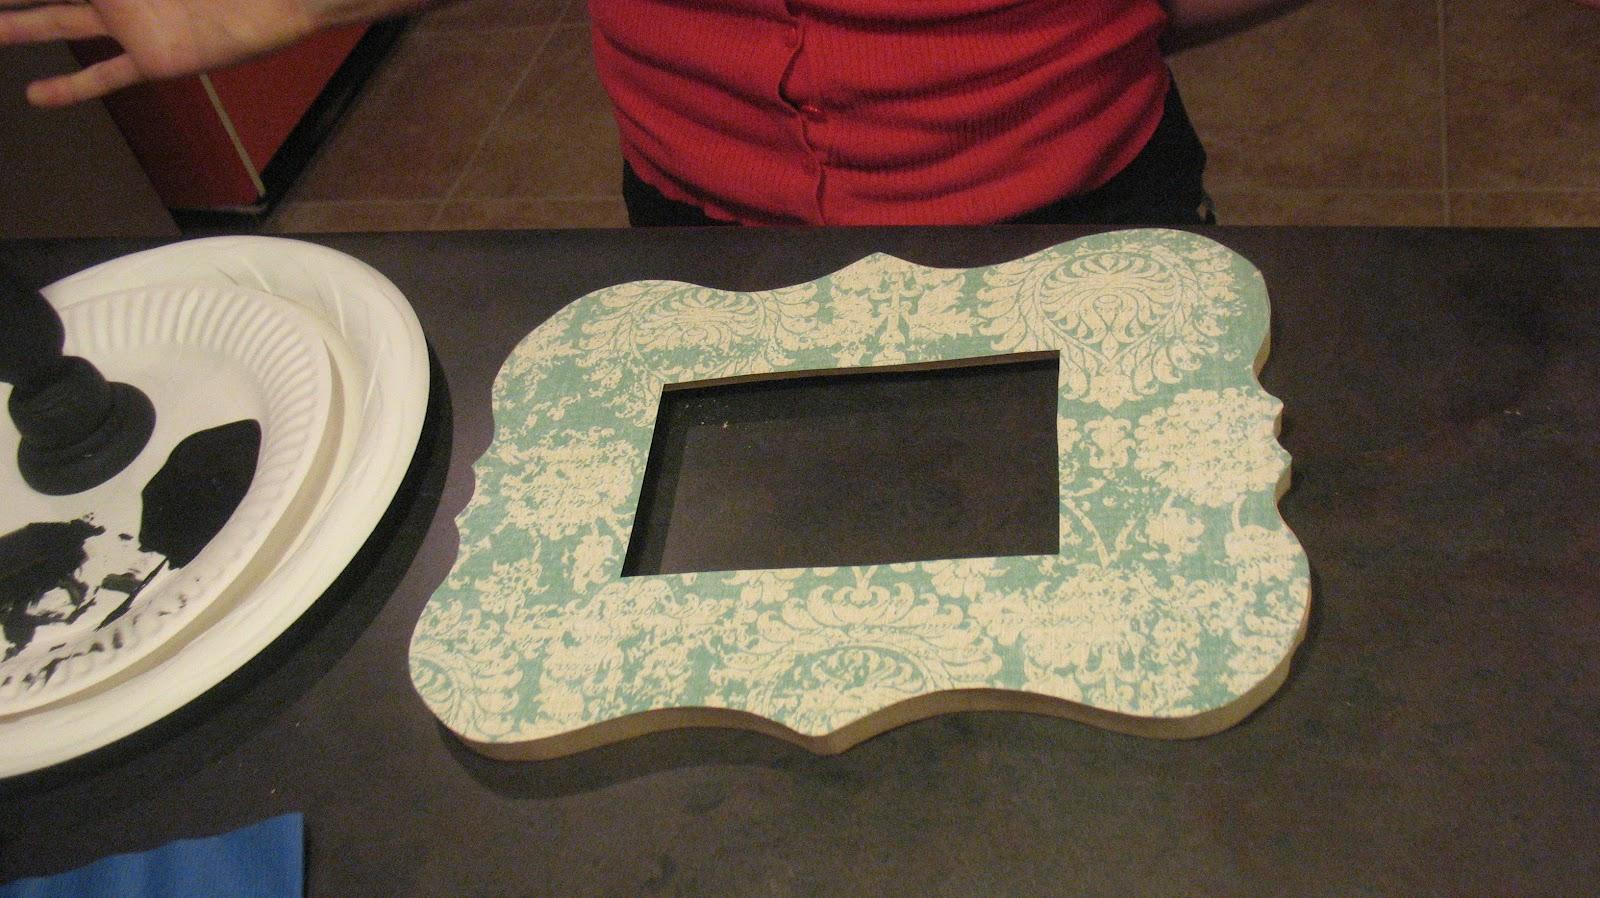 Modge Podge Over Acrylic Paint On Wood